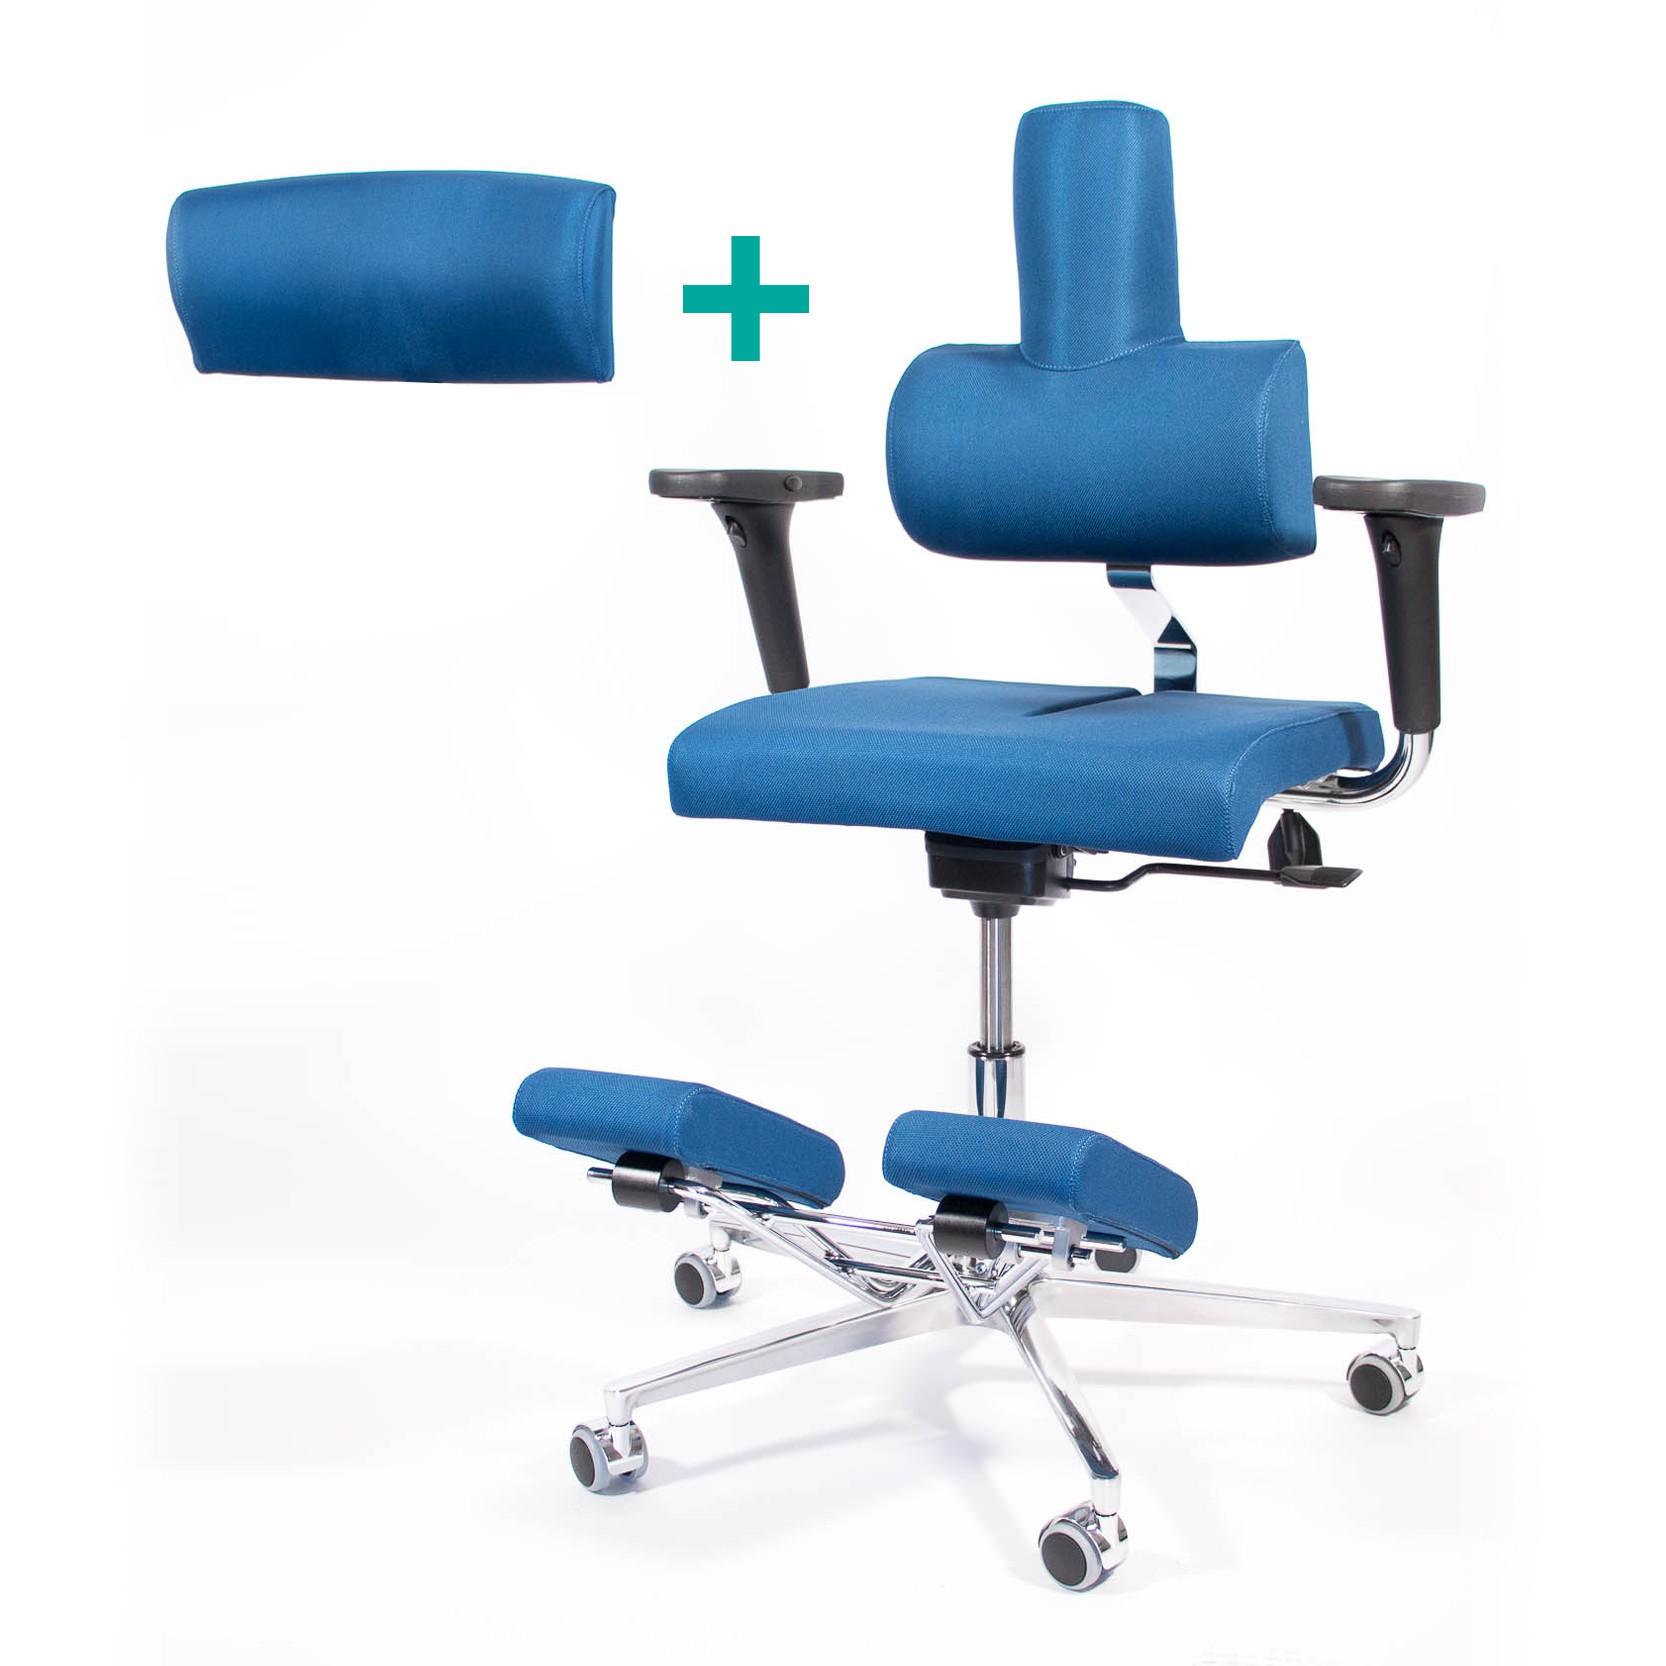 Chaise Komfort FULL OPTIONAL